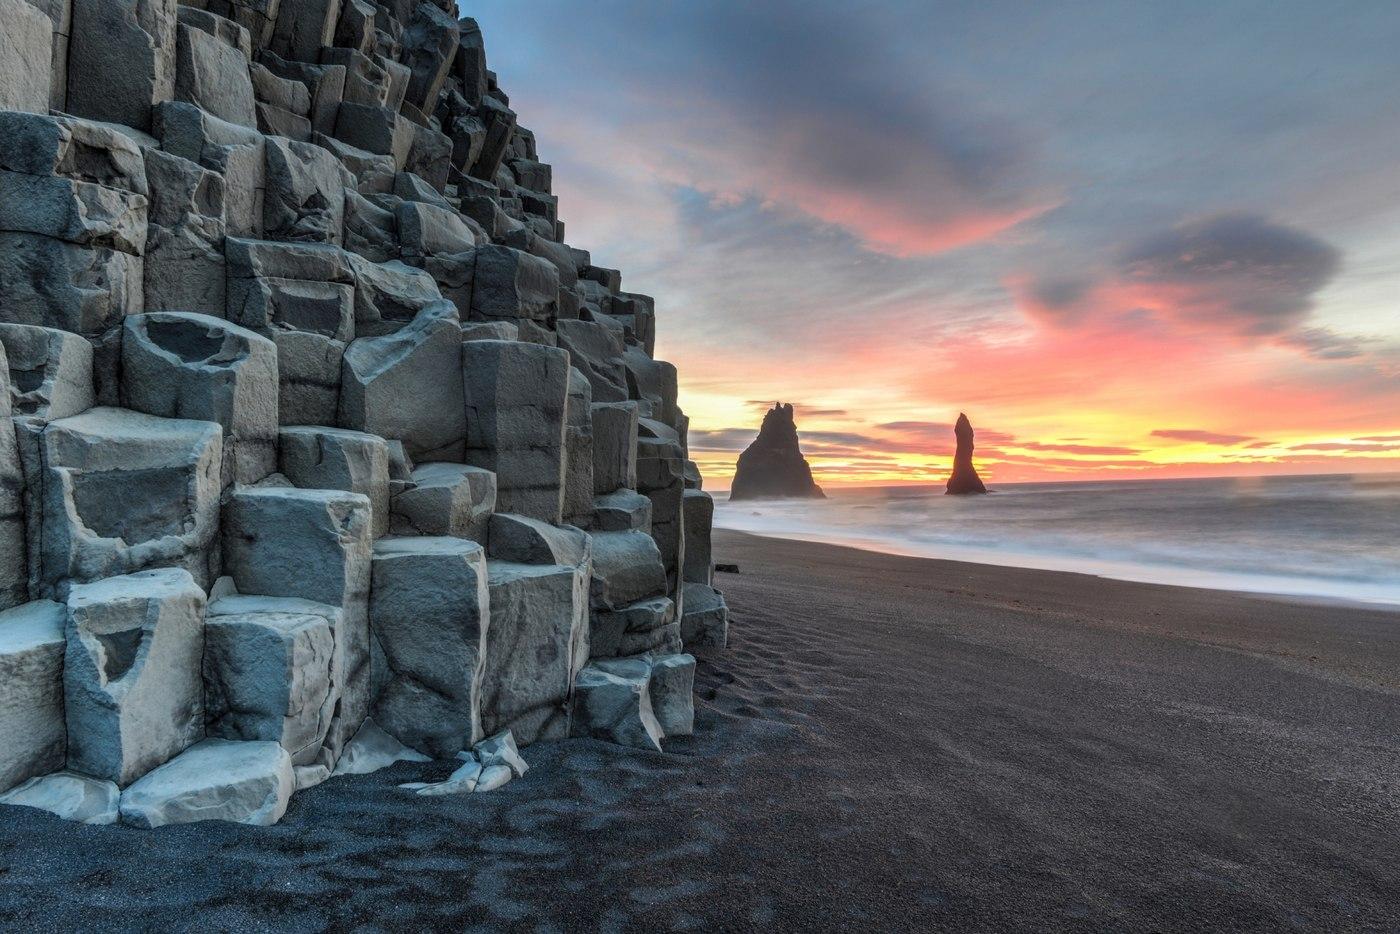 Photo Tour of Iceland 1